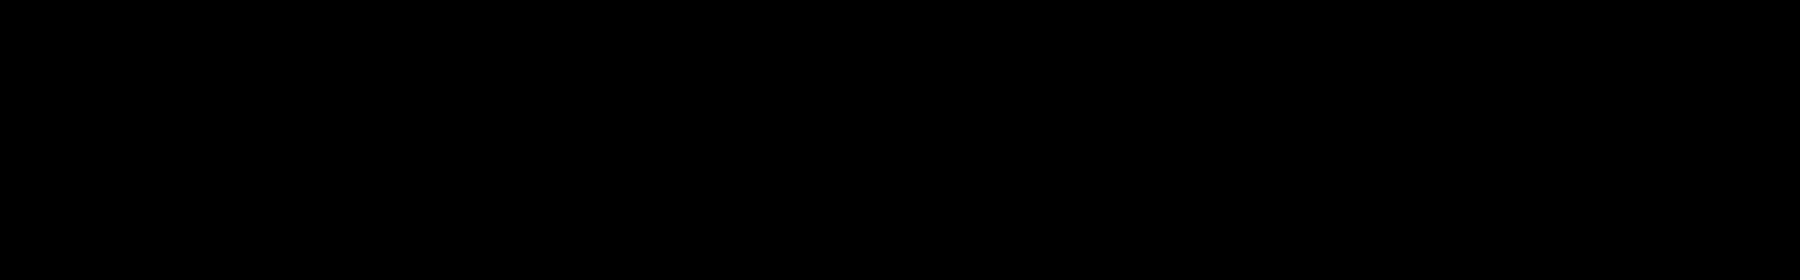 m1d1 - Pop audio waveform